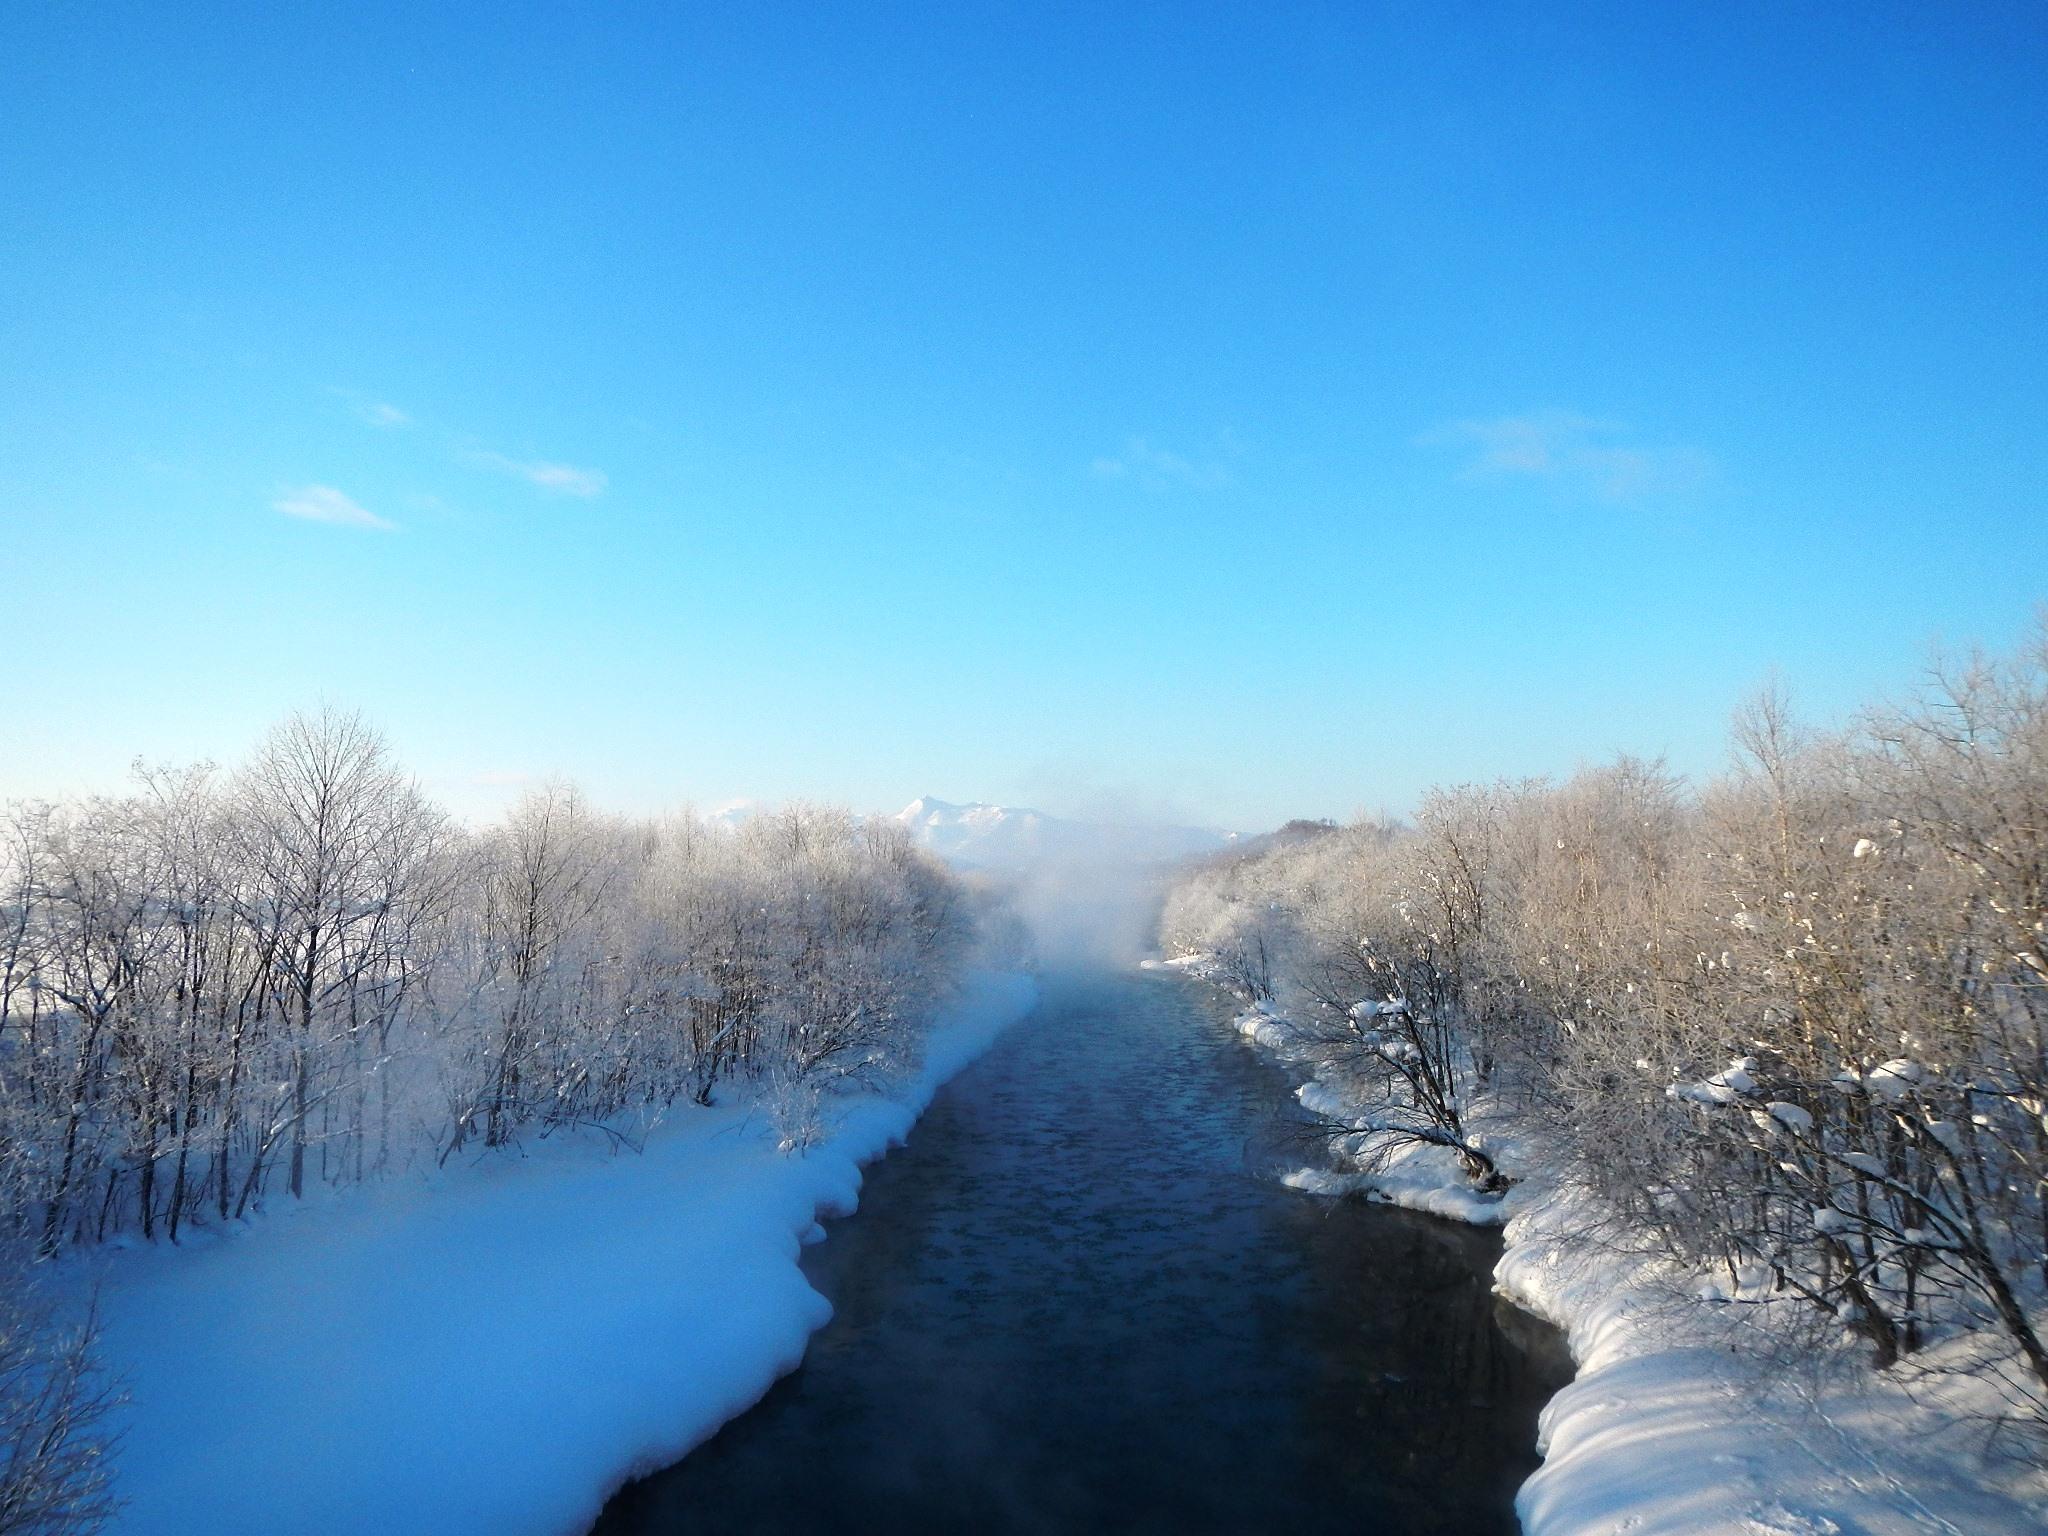 河原に発生した毛嵐